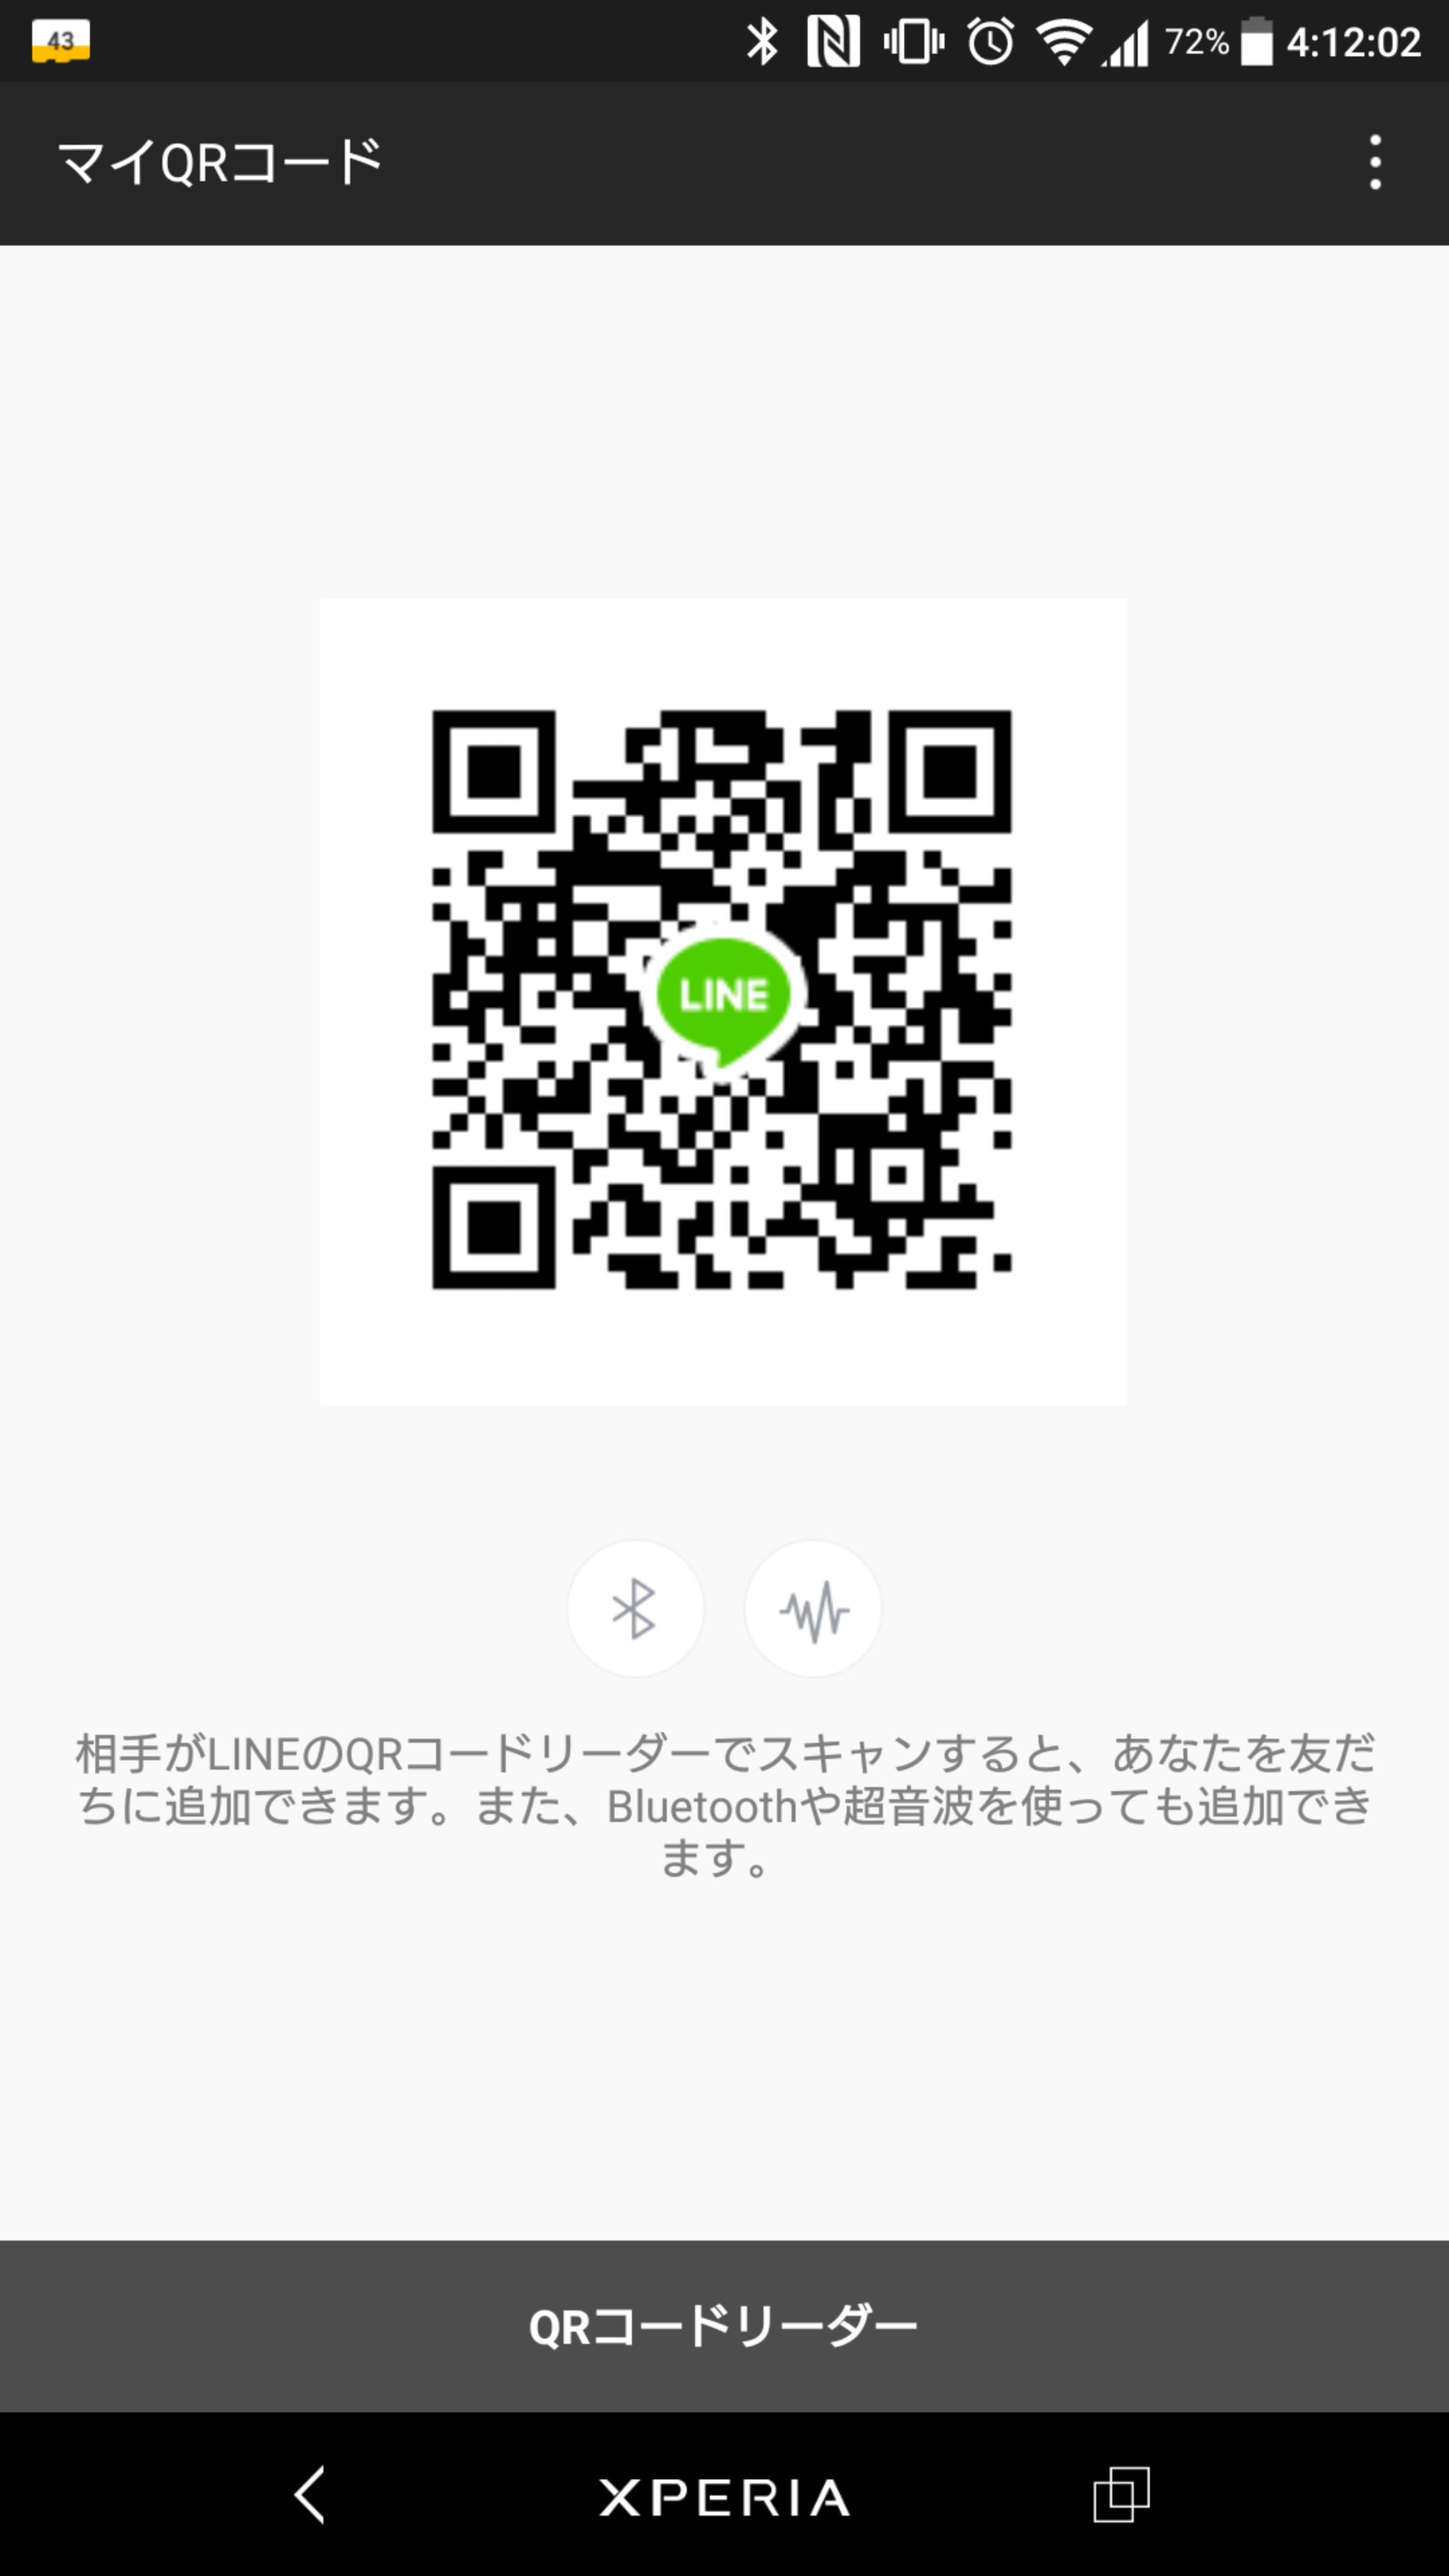 ゆよこさんのLINE QRコード